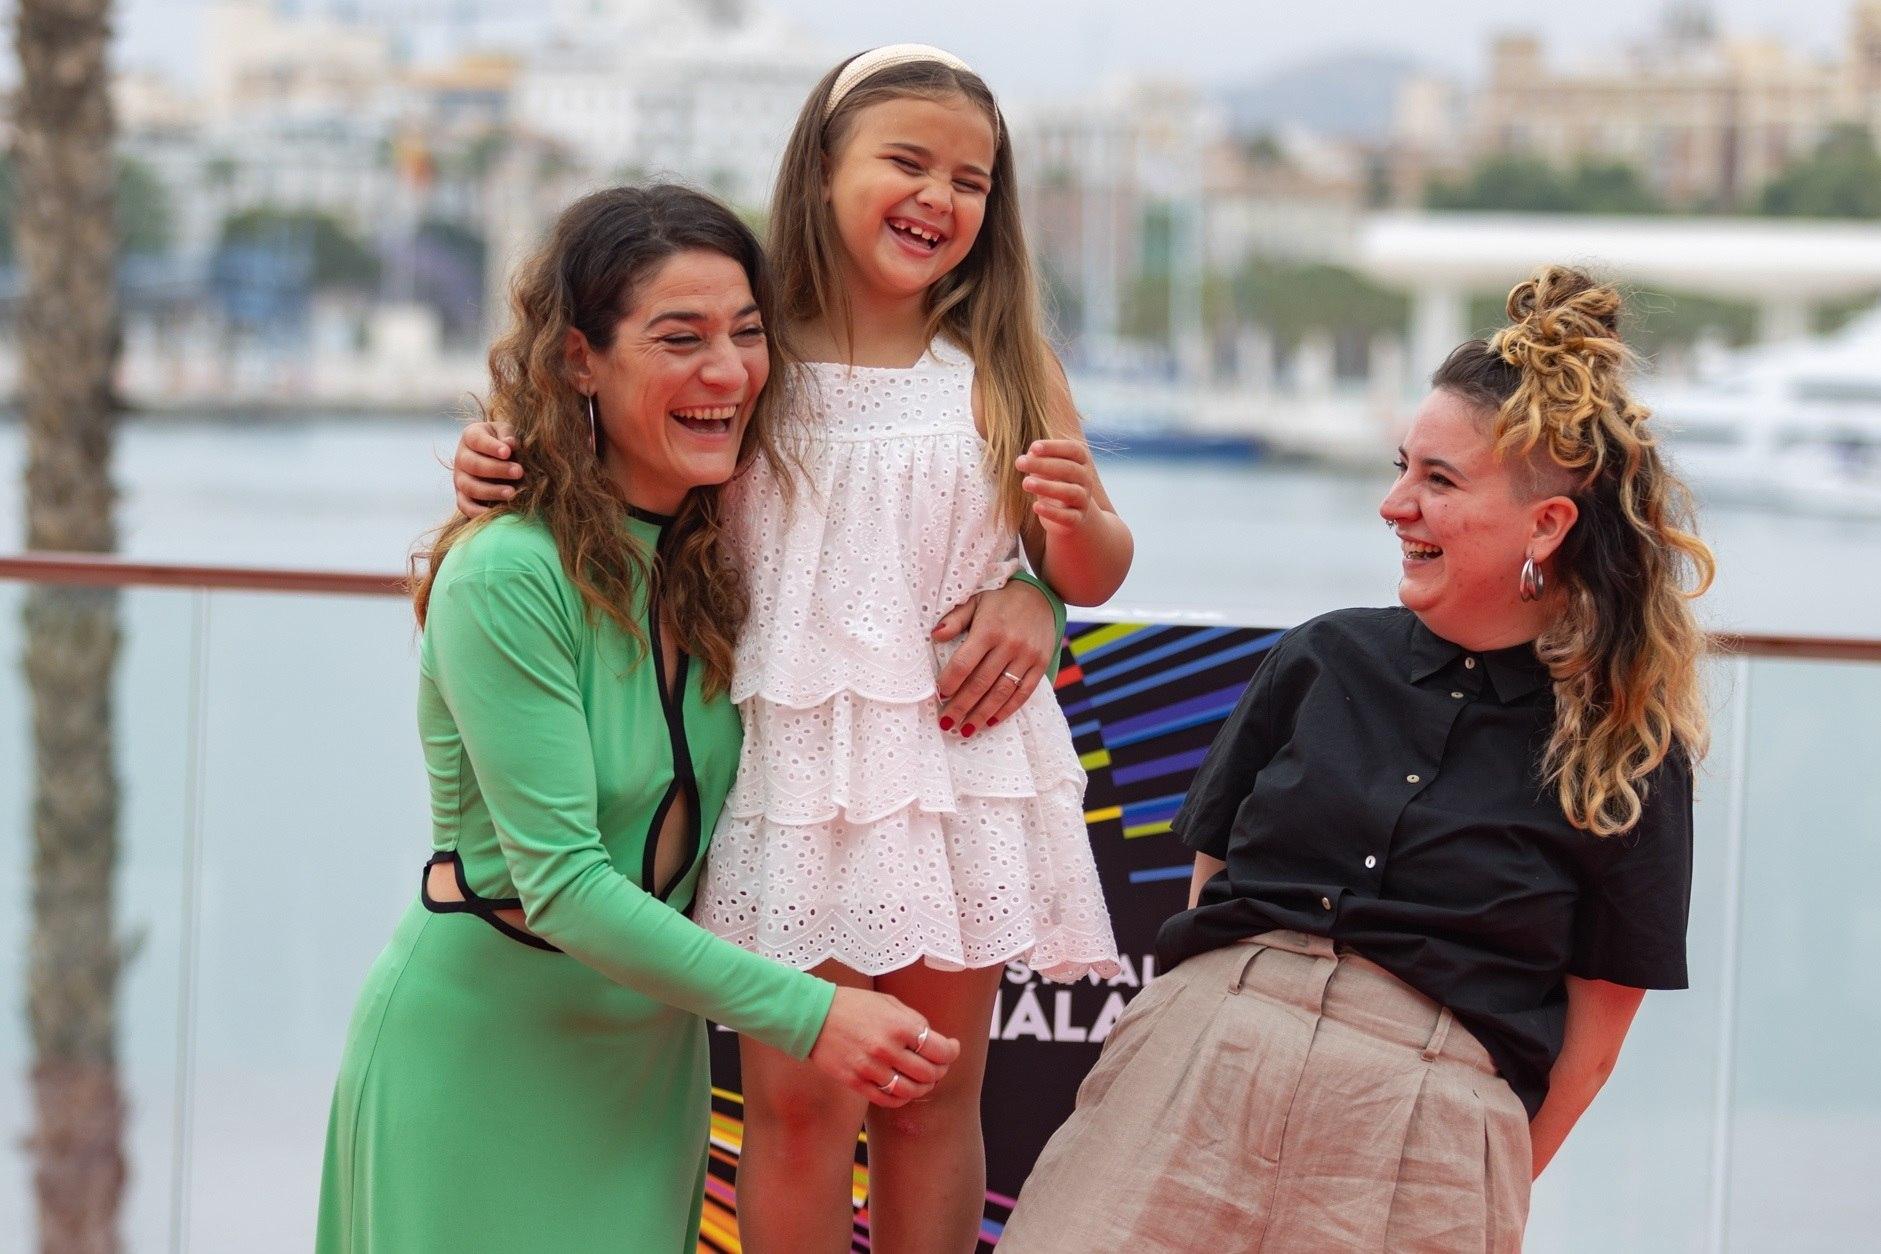 La cineasta Júlia de Paz (d), posa con las actrices Tamara Casellas (i) y Leire Marin (c), tras presentar su película.